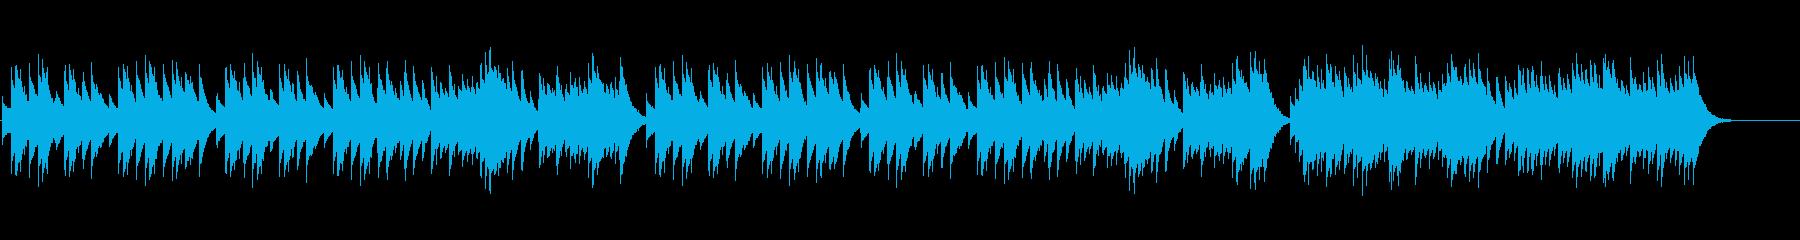 ゴシックな雰囲気の悲しいオルゴール曲の再生済みの波形